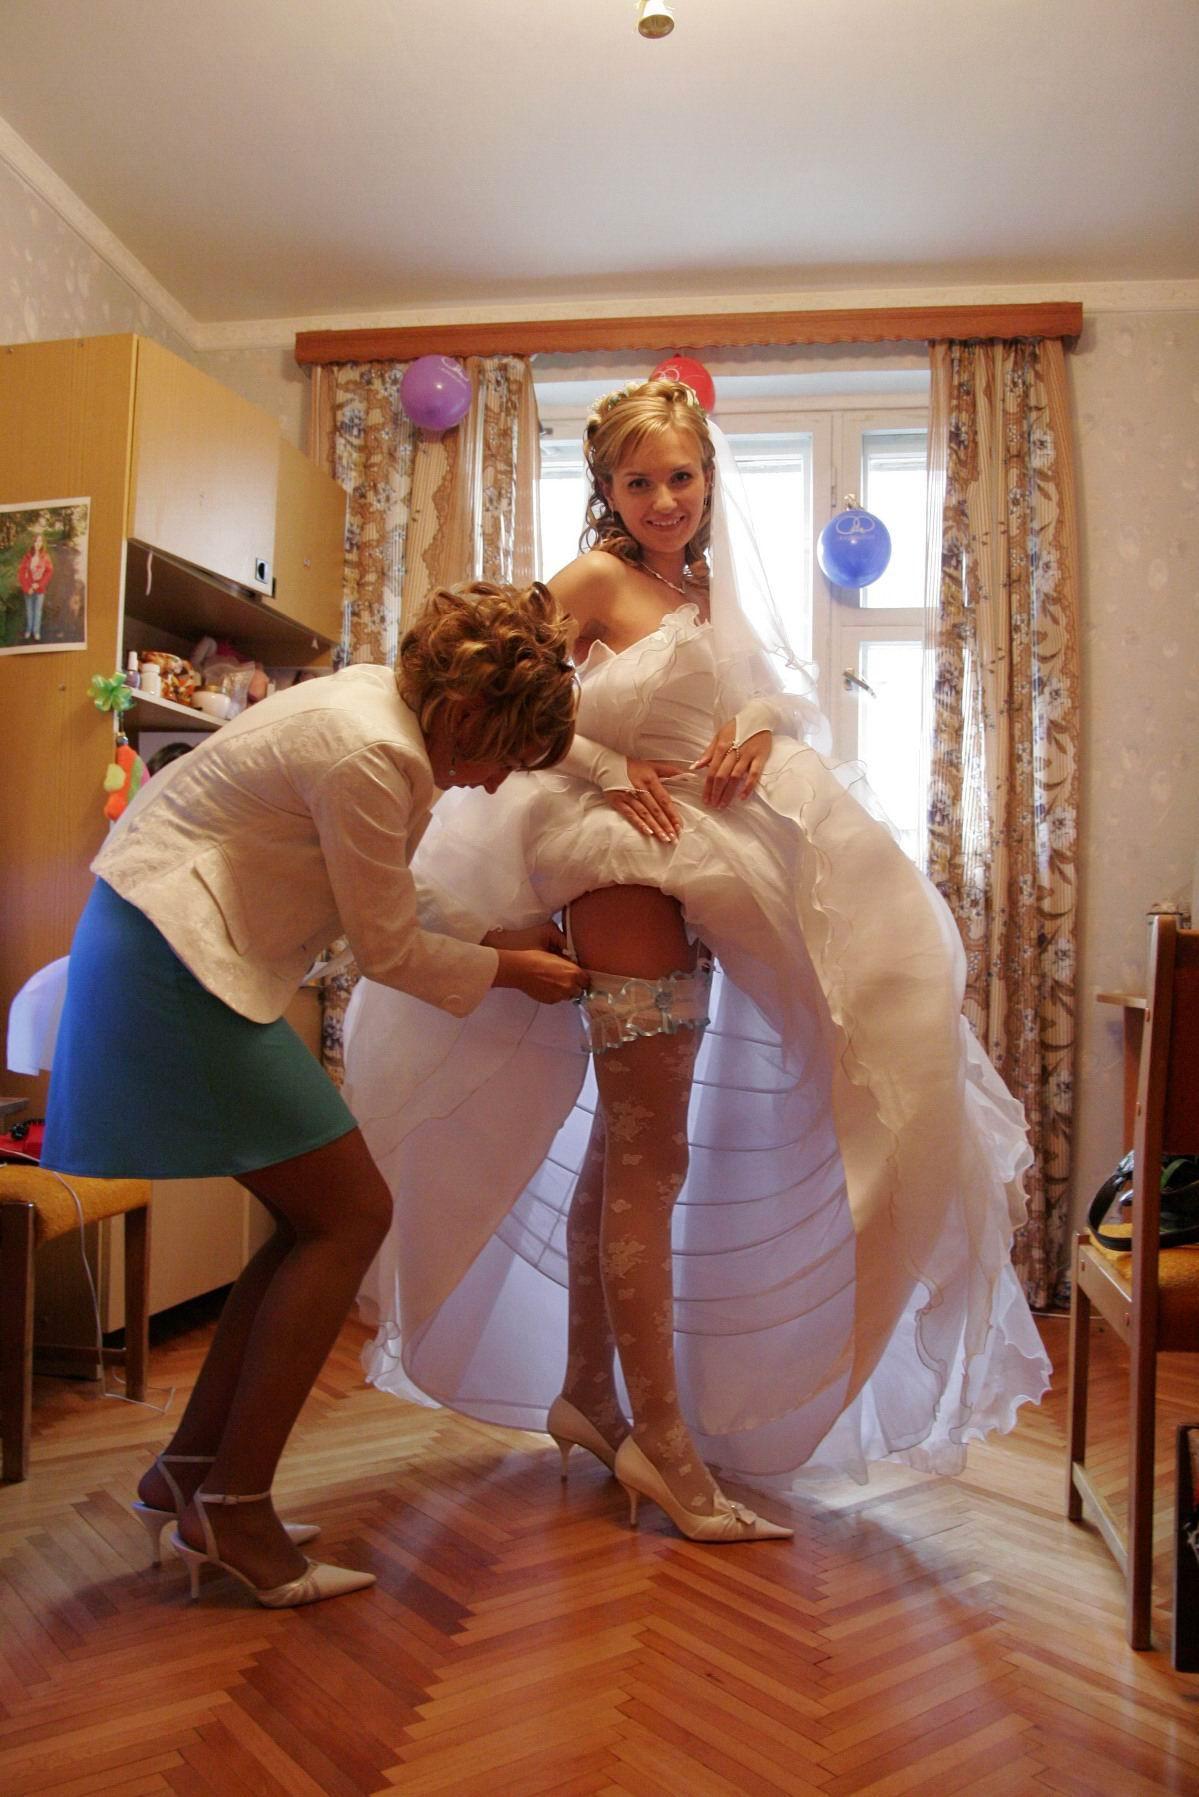 Рассказ эротика невеста фото 22 фотография